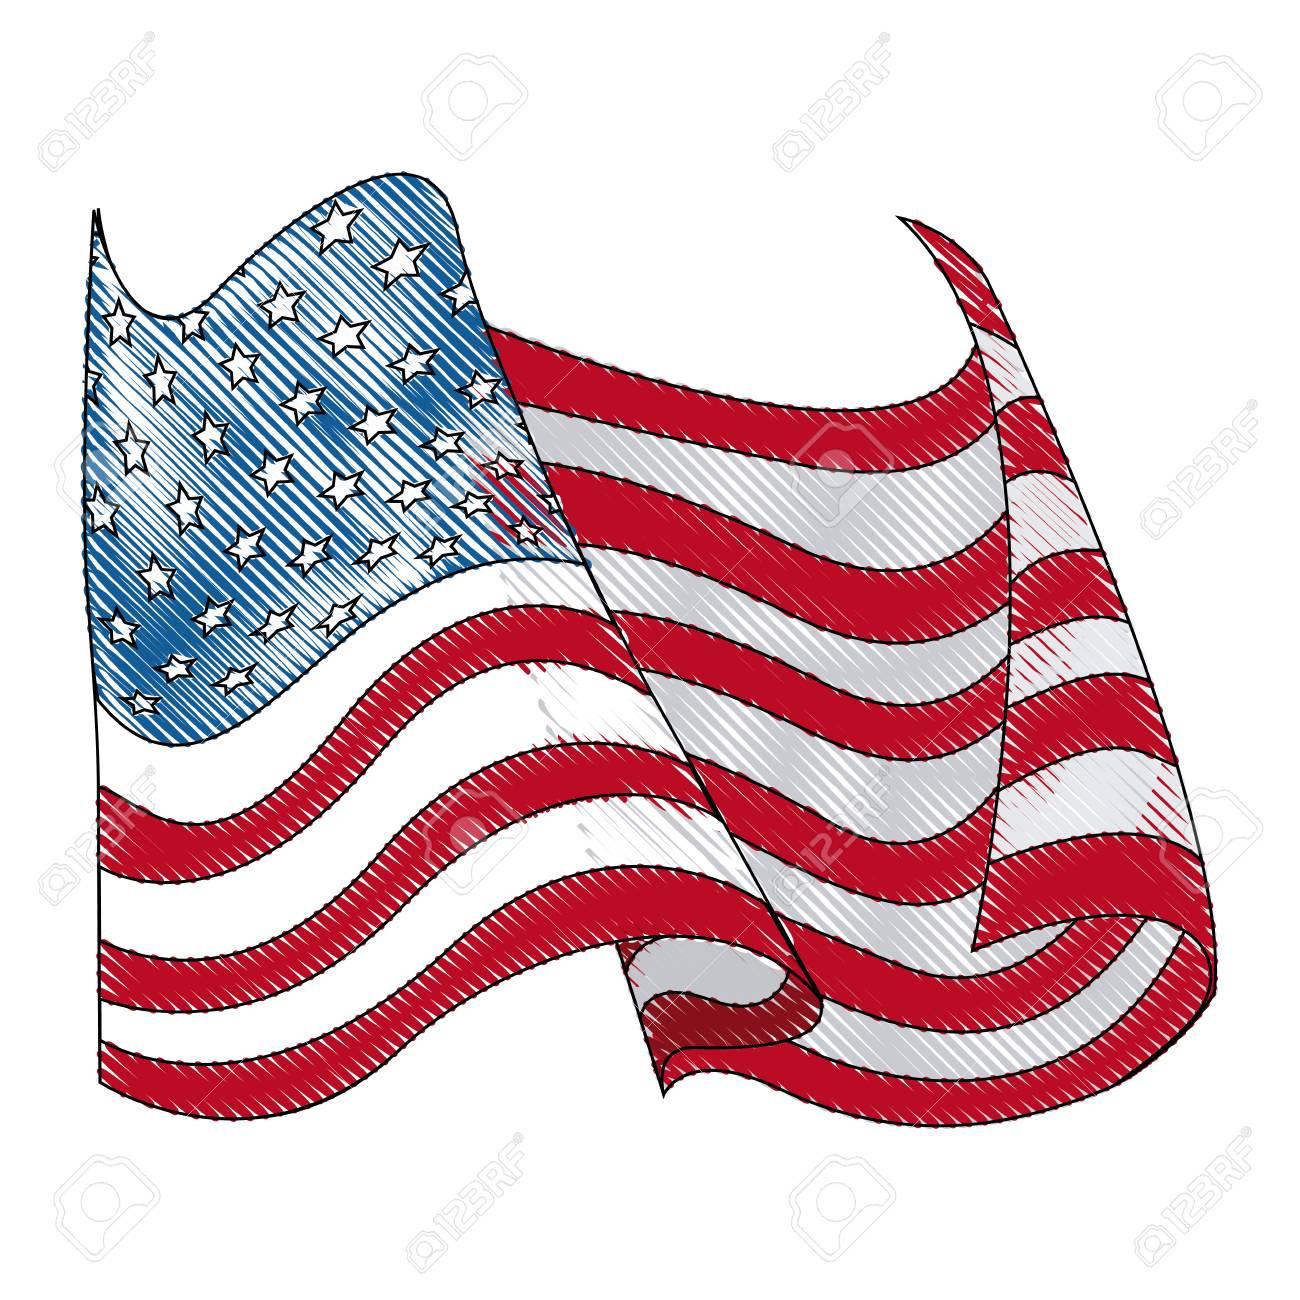 Dibujo Ilustración De Vector De Onda De Bandera De Estados Unidos De América